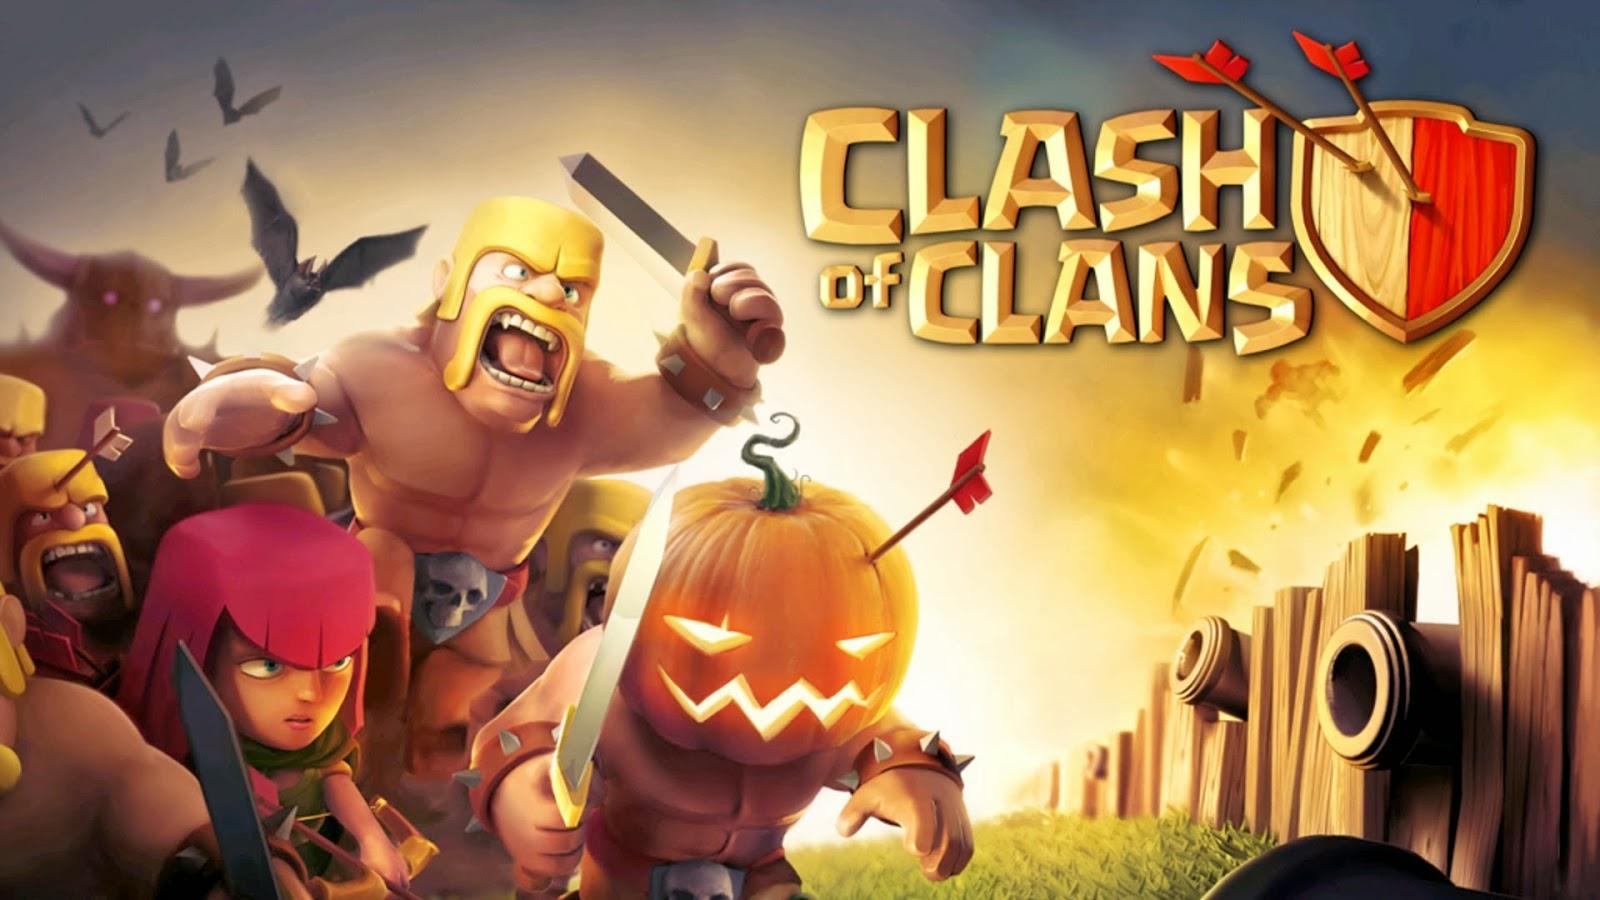 Klanını zafere taşı! Clash of Clans destansı bir savaş